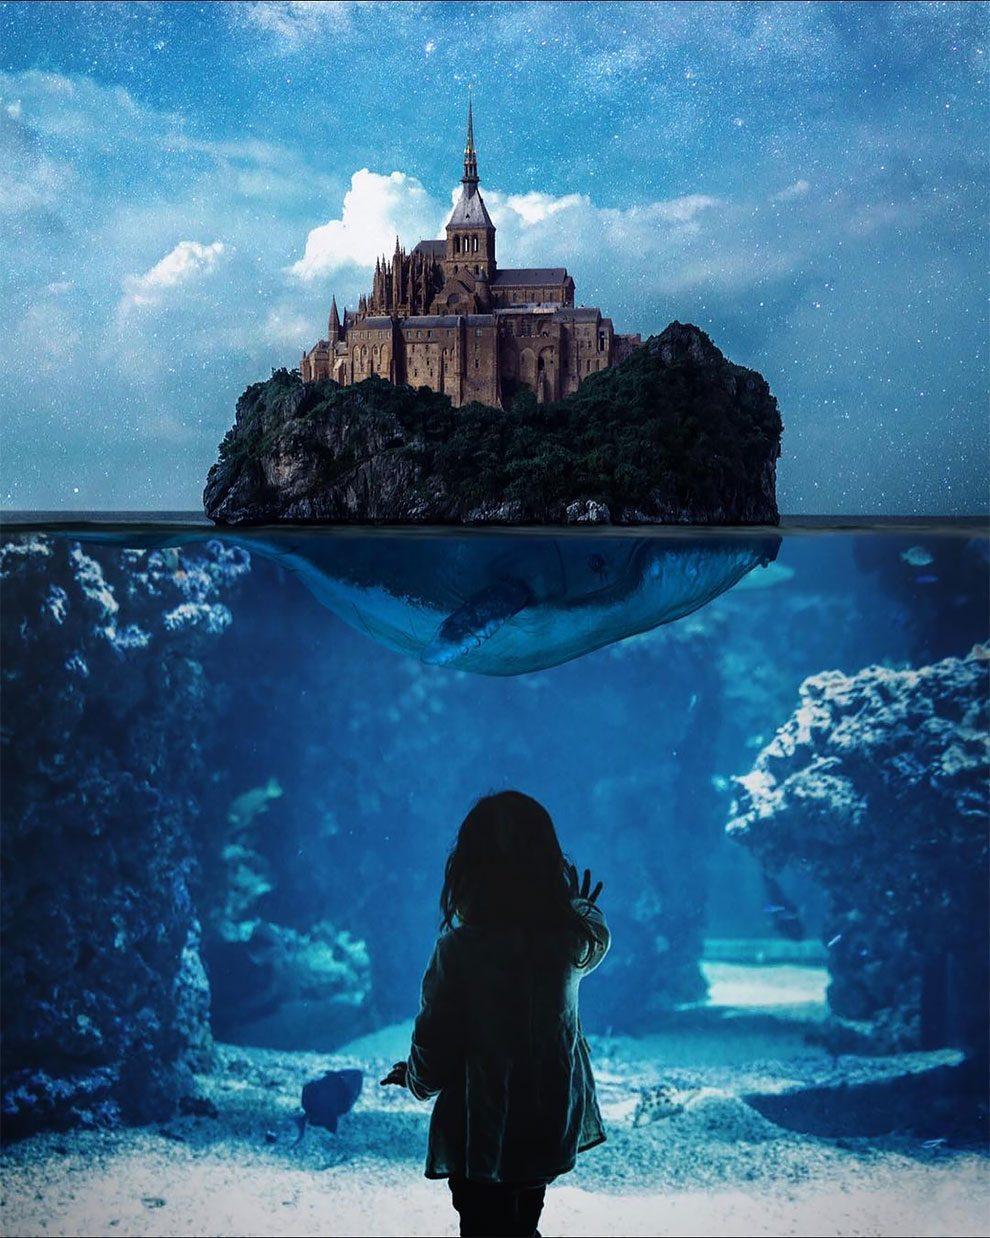 Сказочные и сюрреалистические фотоманипуляции